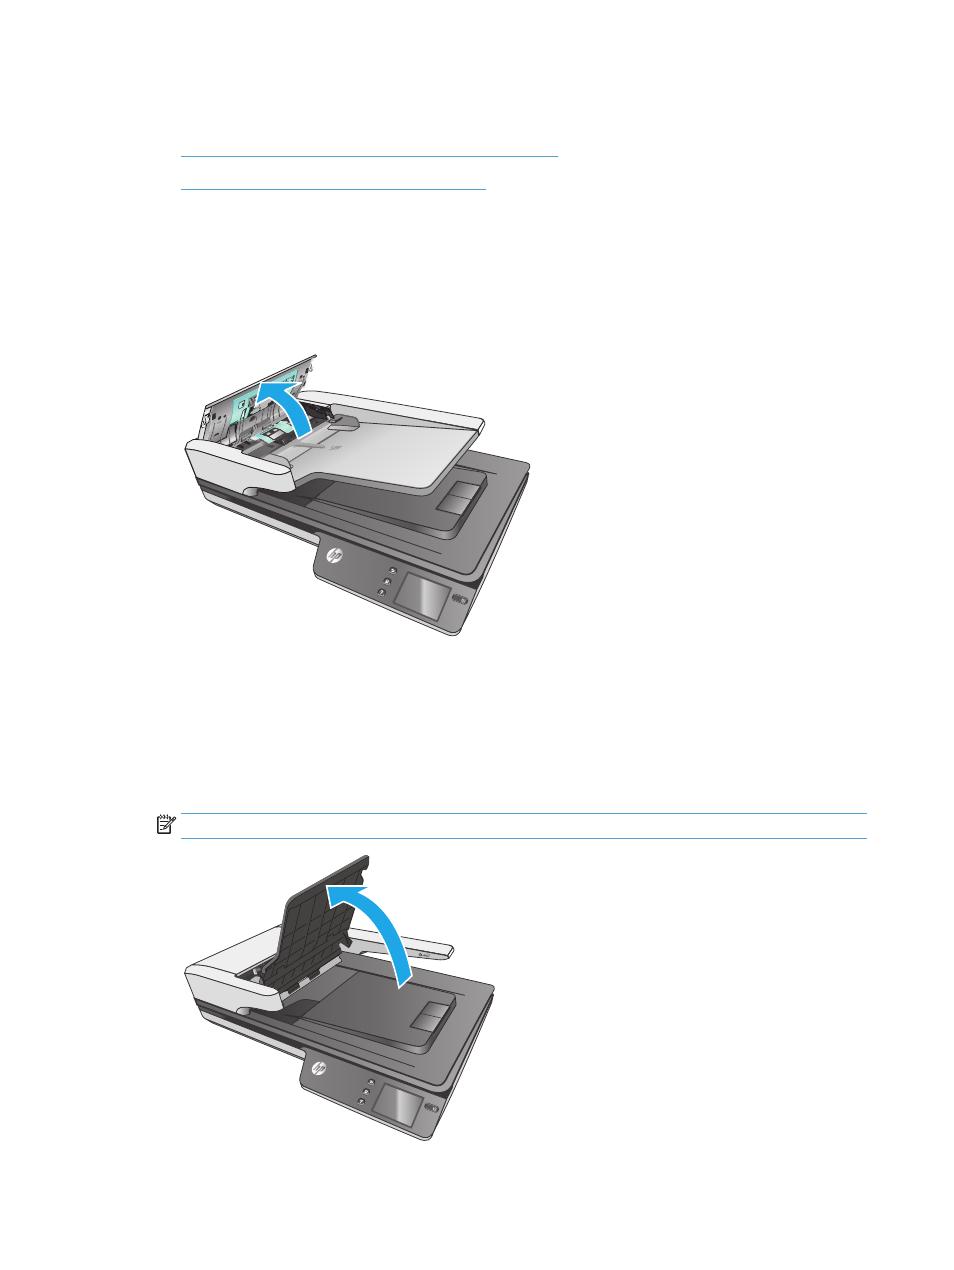 Paper jams | HP ScanJet Pro 4500 fn1 User Manual | Page 50 / 64